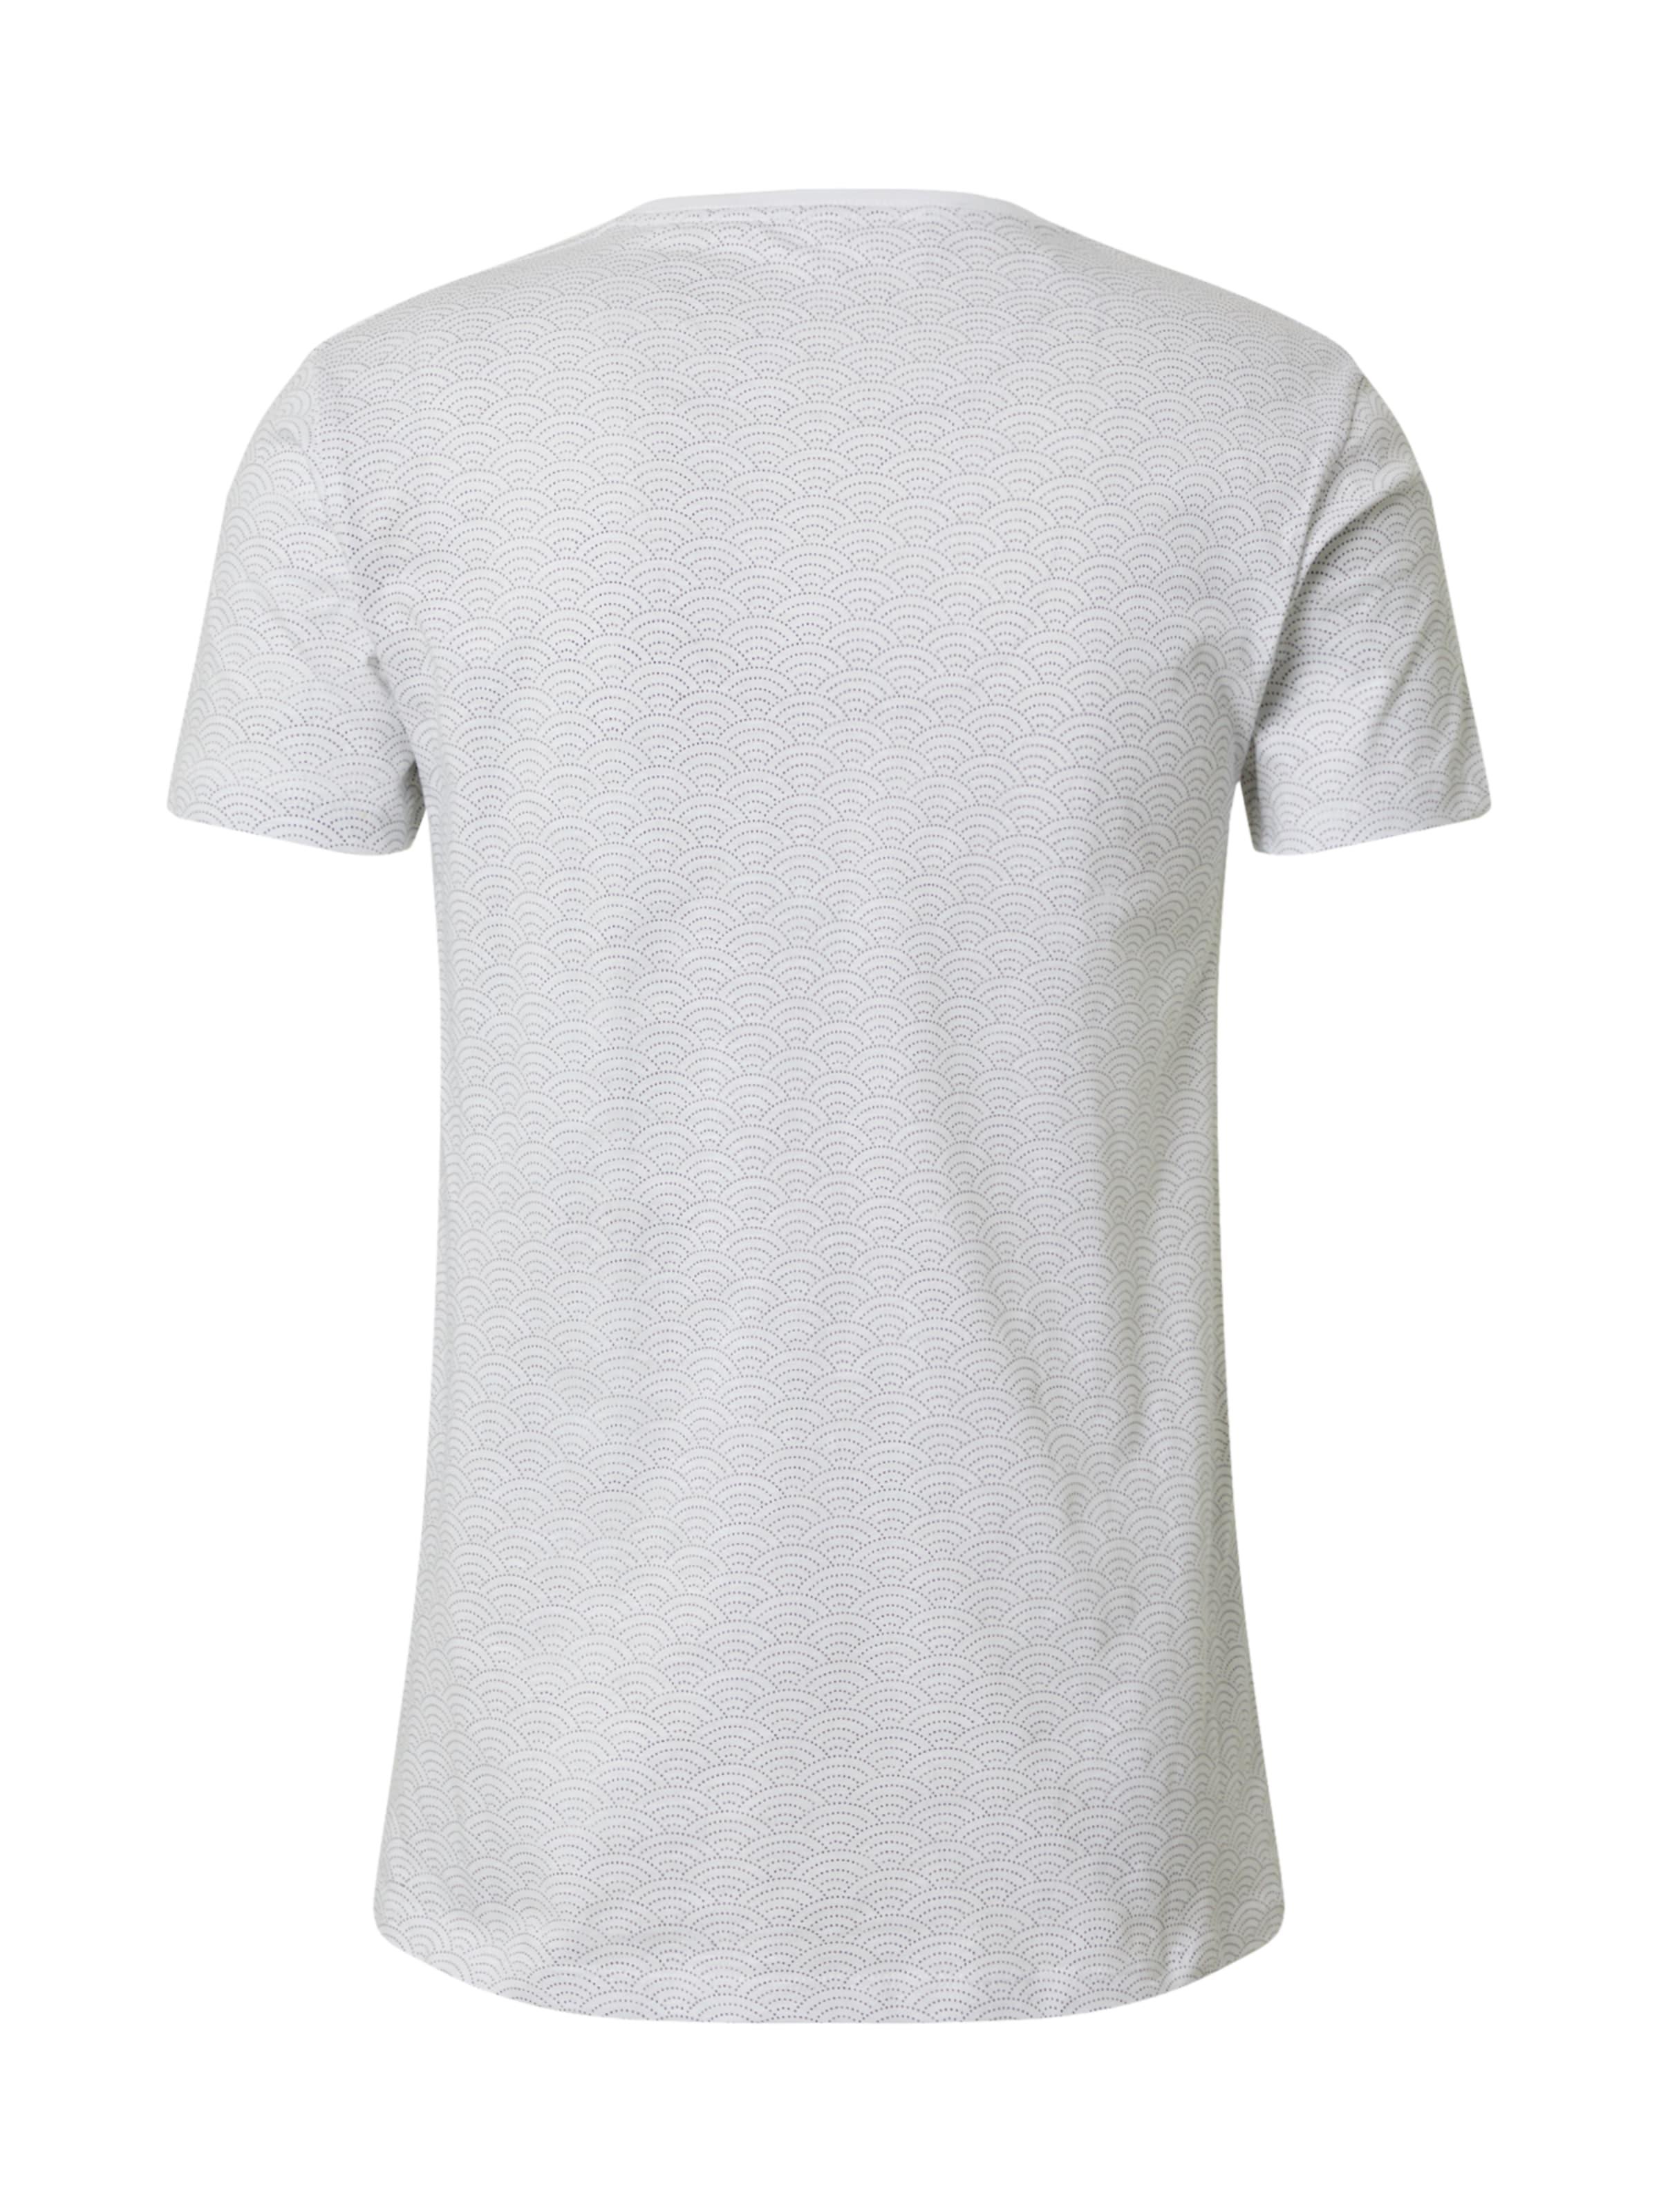 Lindbergh Shirt in graumeliert / weiß Jersey LIH0111002000001